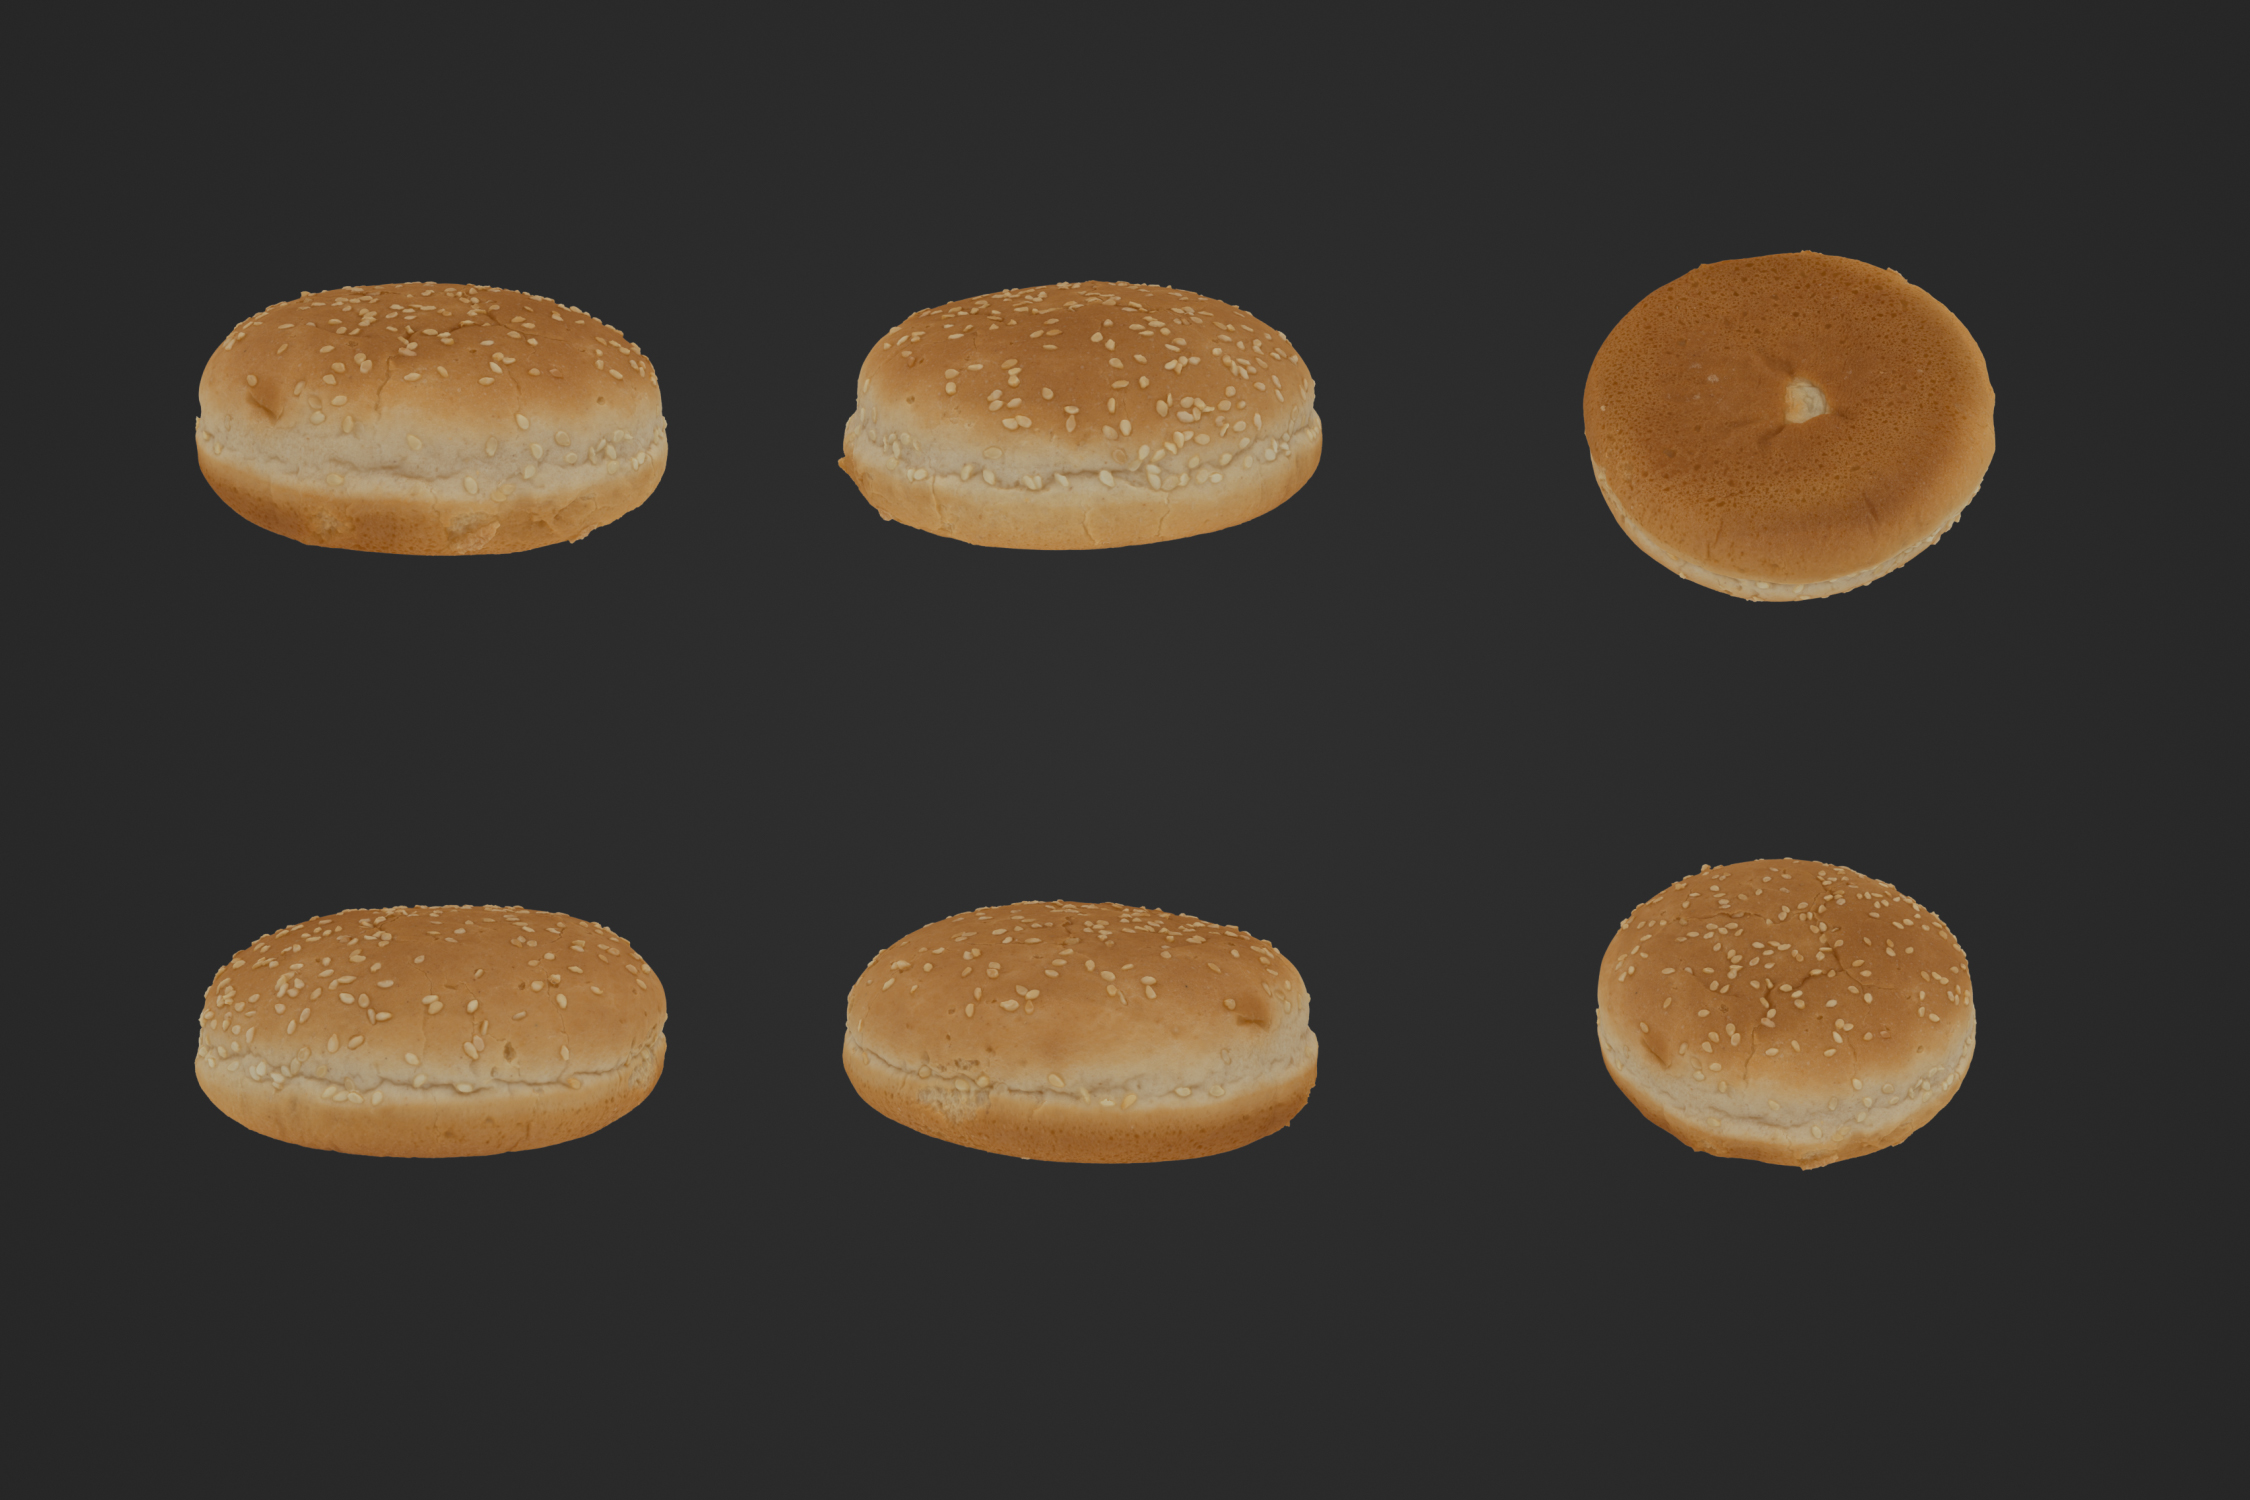 Burger_Bun_1_1.jpg